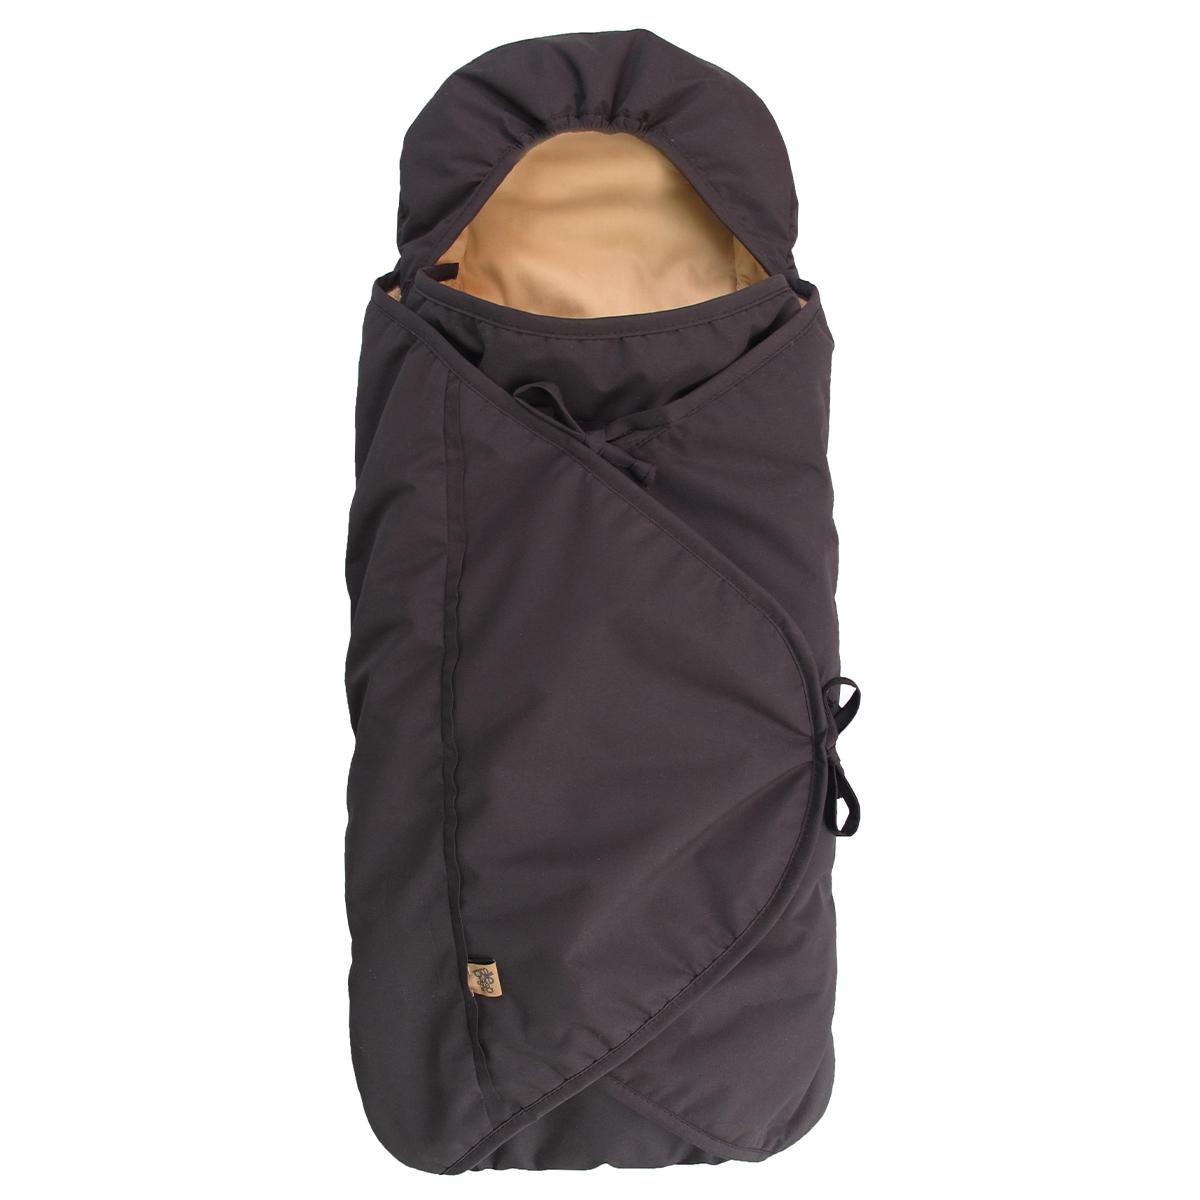 Image of   Sleepbag kørepose til autostolen - Bycar - Sort/brun